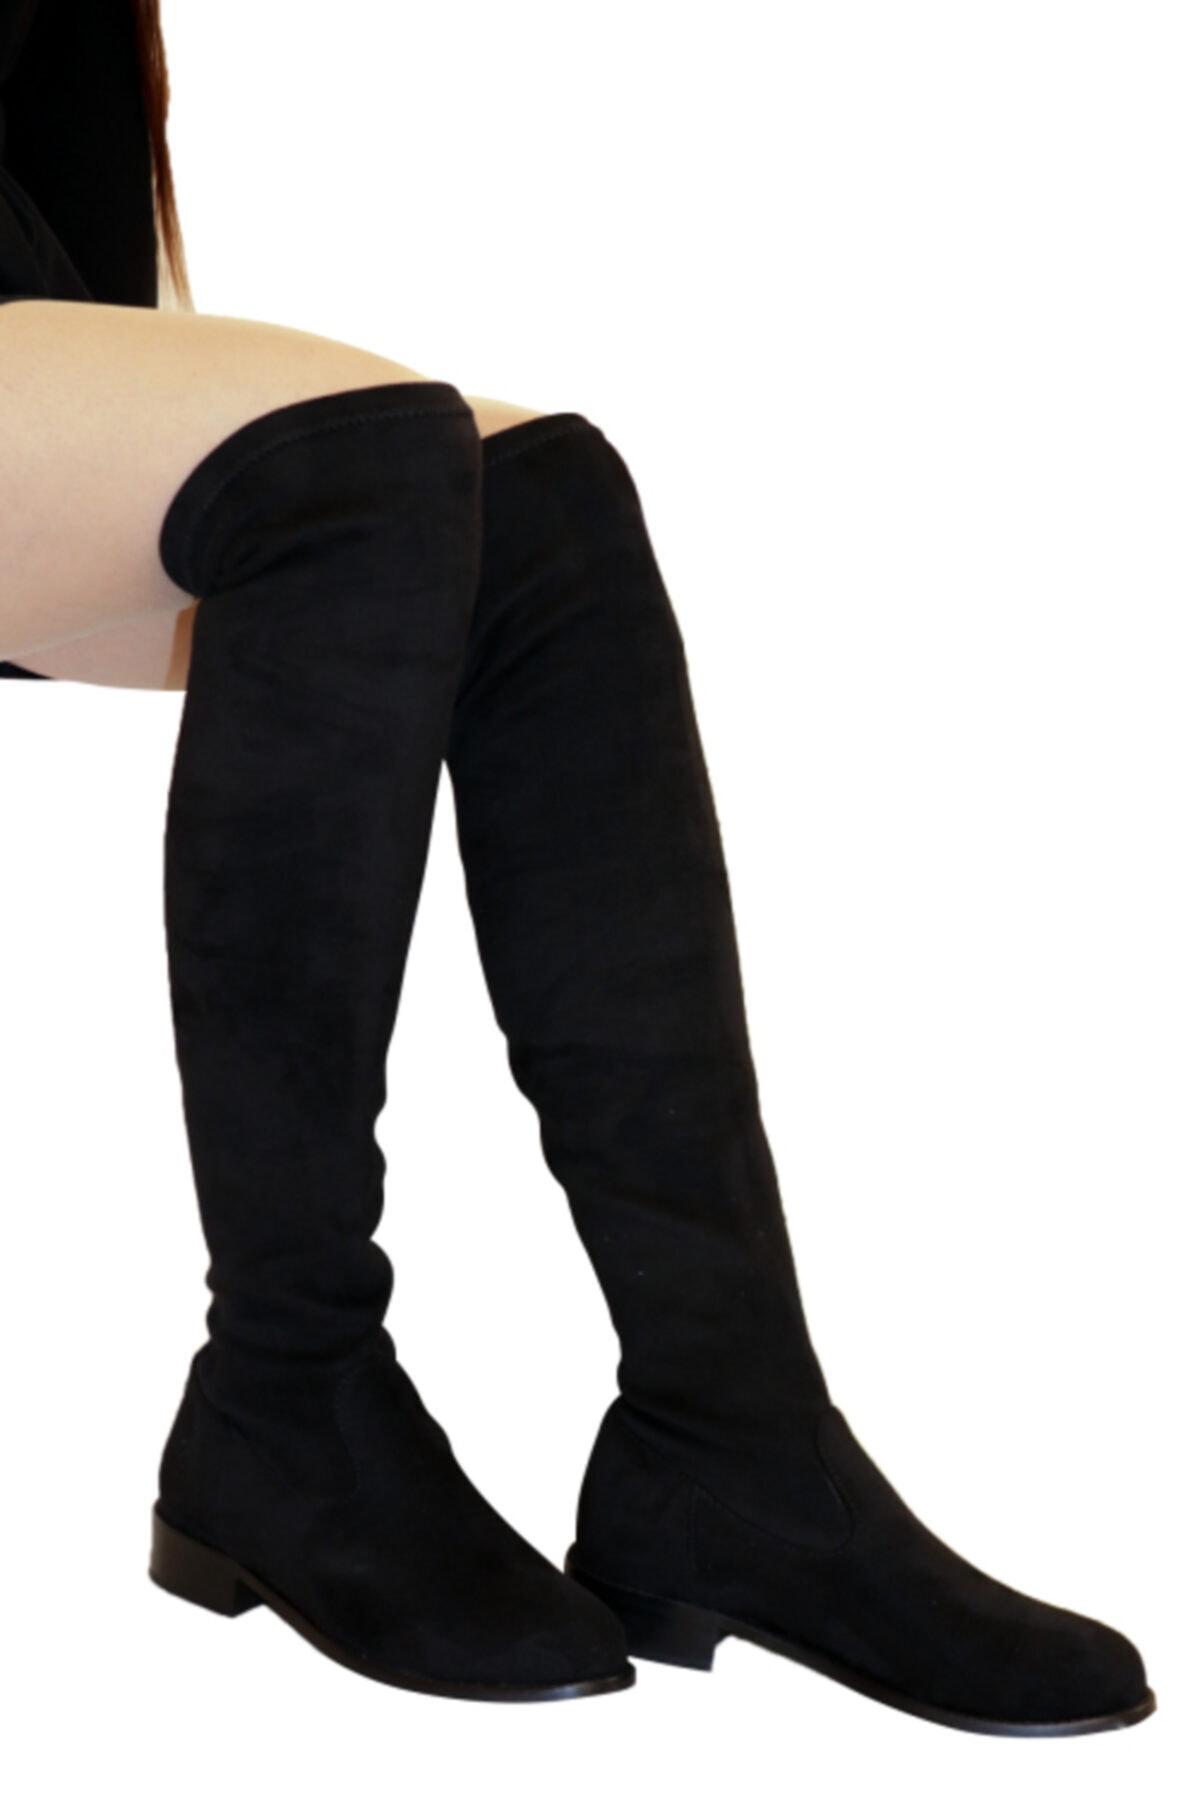 OZ DOROTHY Kadın Siyah Süet Streç Diz Üstü Çorap Çizme 2